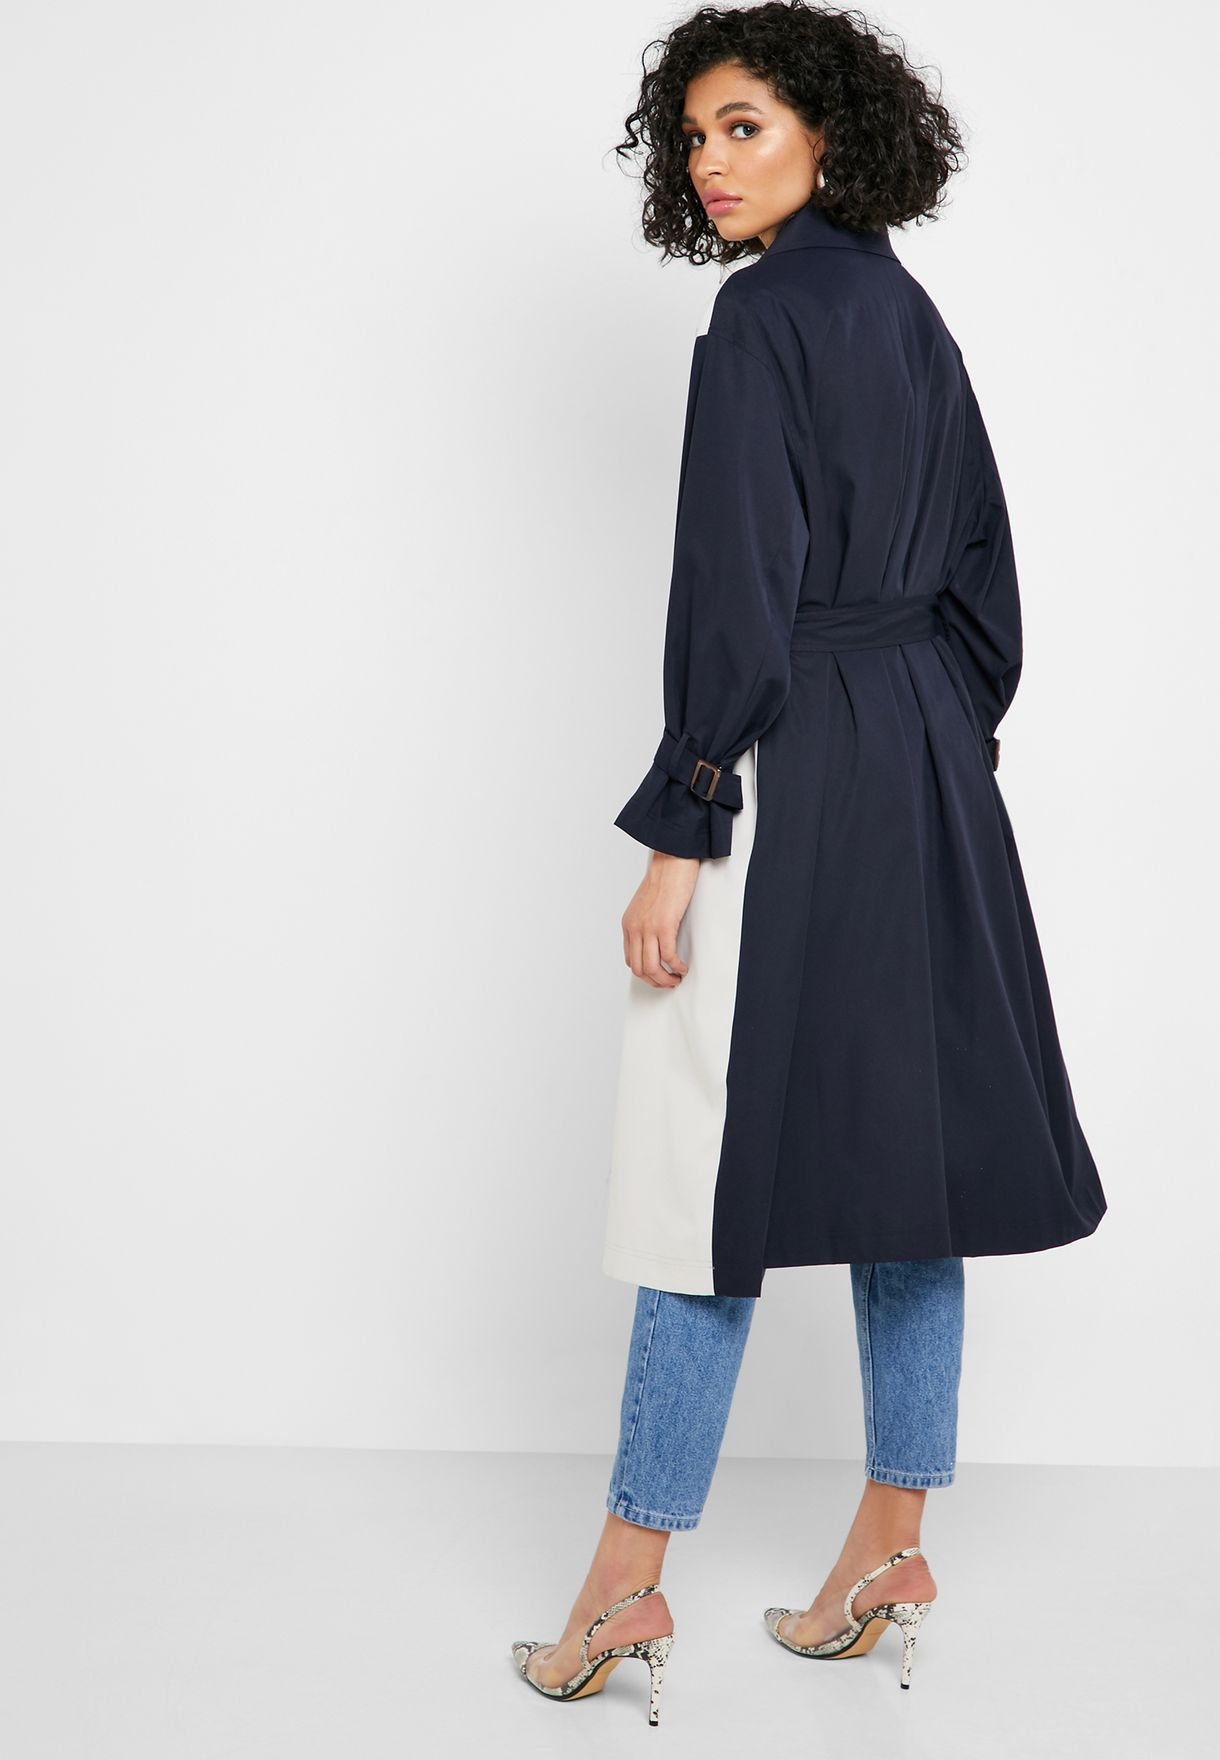 معطف بنمط كتل الالوان مع حزام